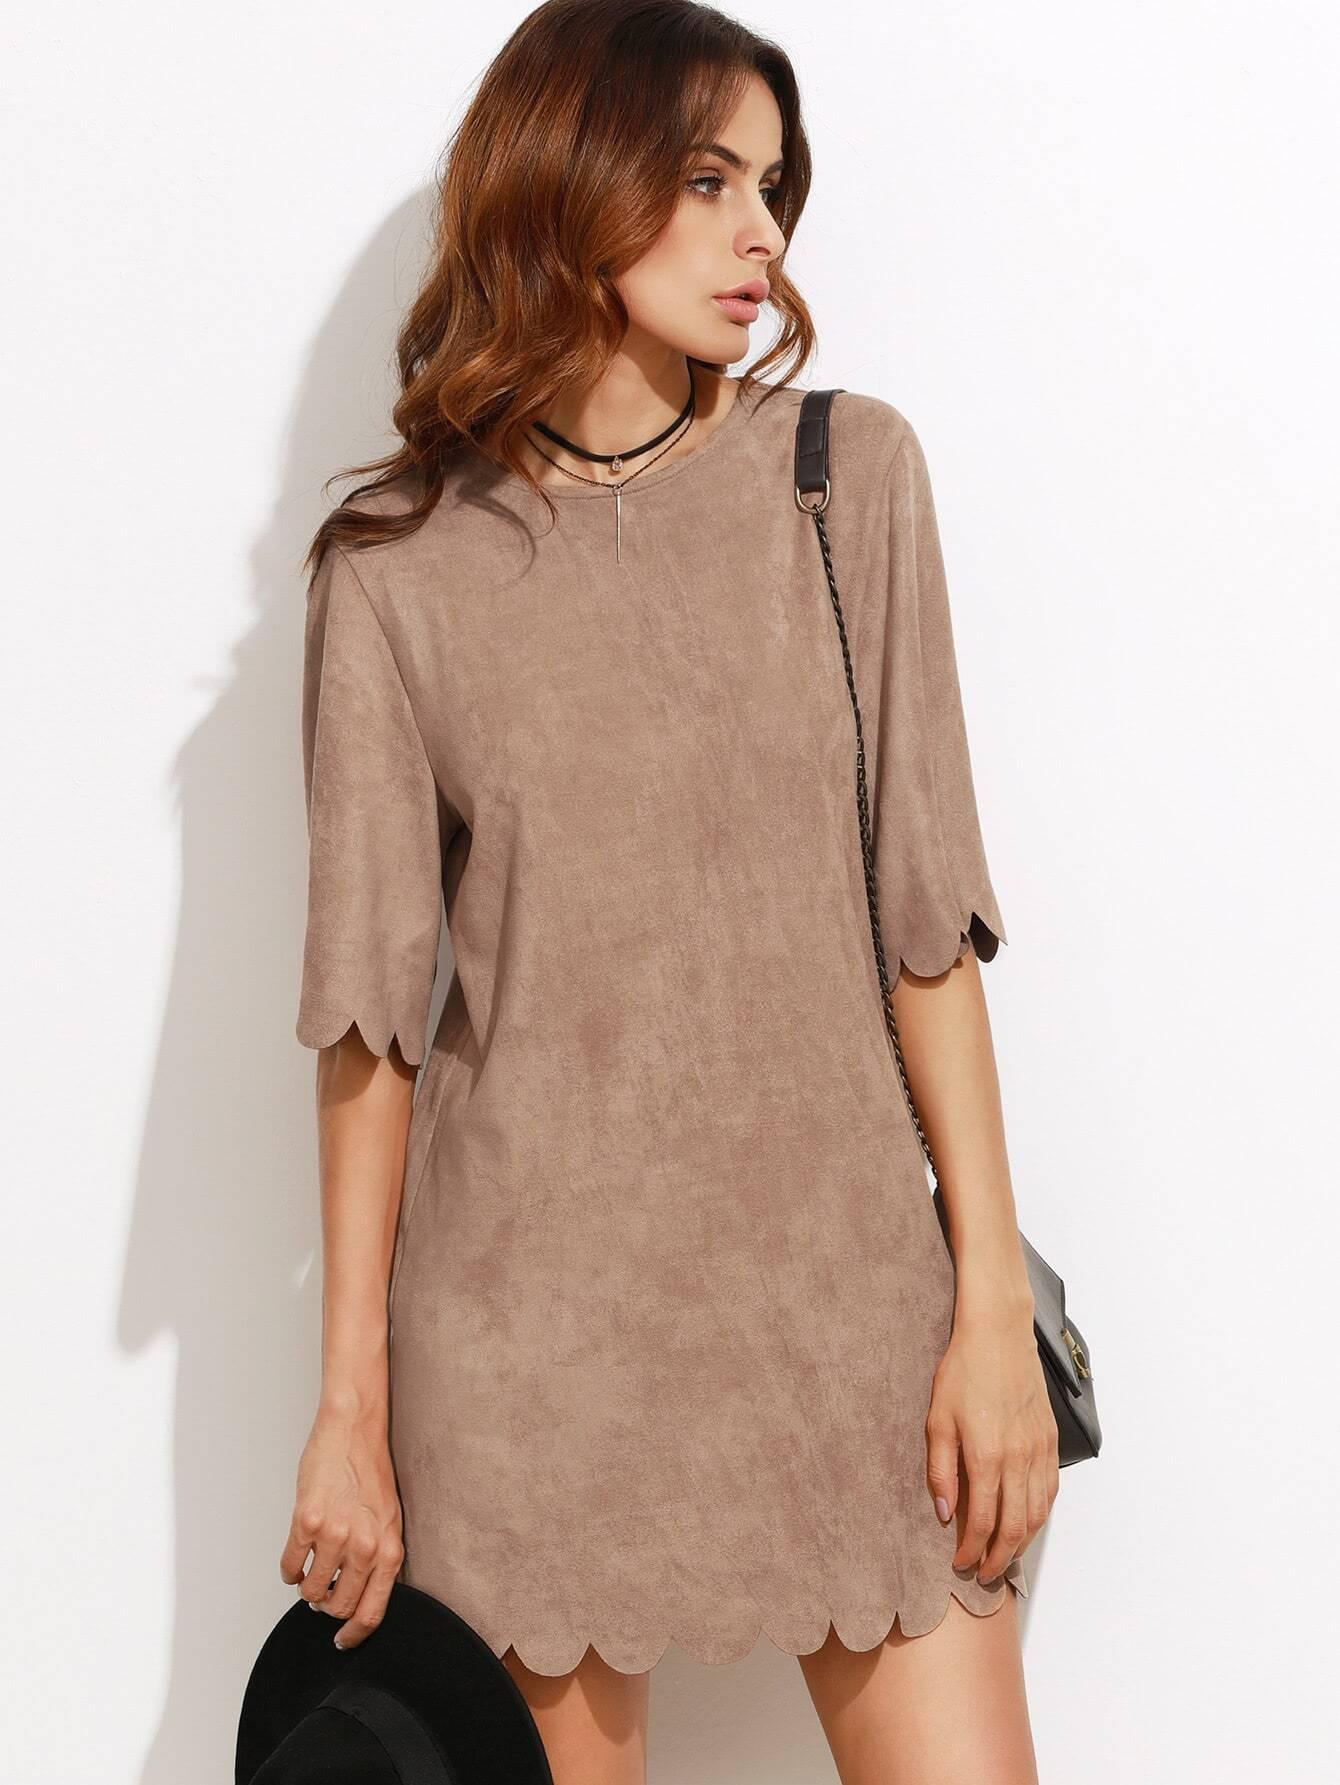 dress160926704_2